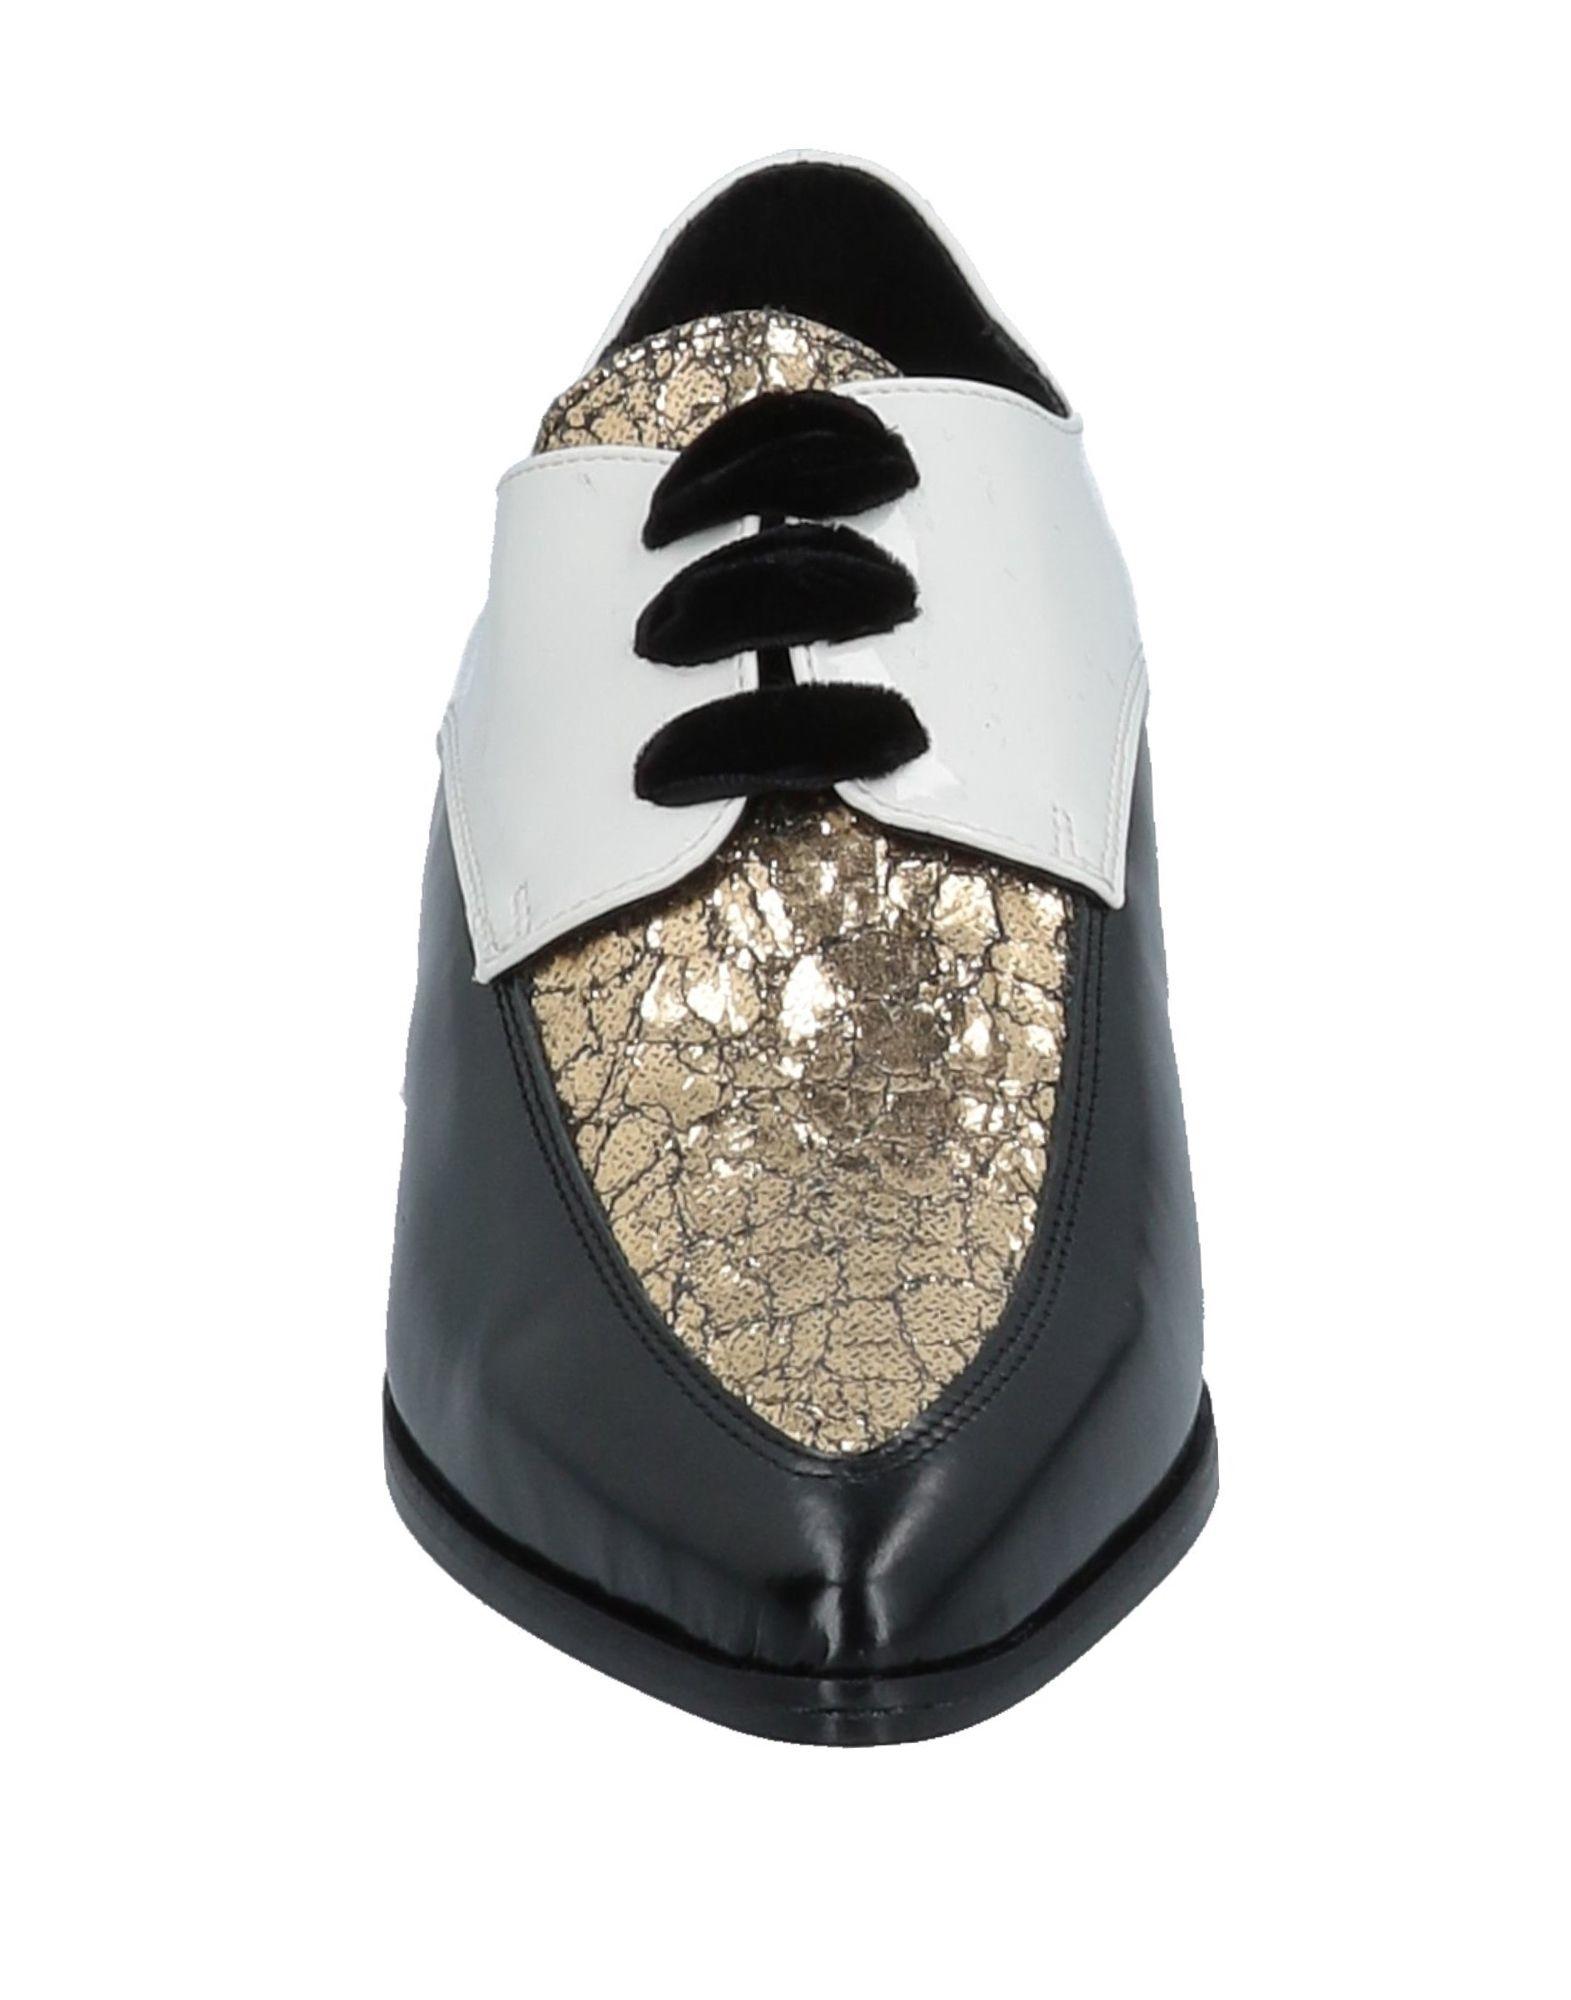 Gut Tacchi um billige Schuhe zu tragenTipe E Tacchi Gut Schnürschuhe Damen  11519447LX 0470d2